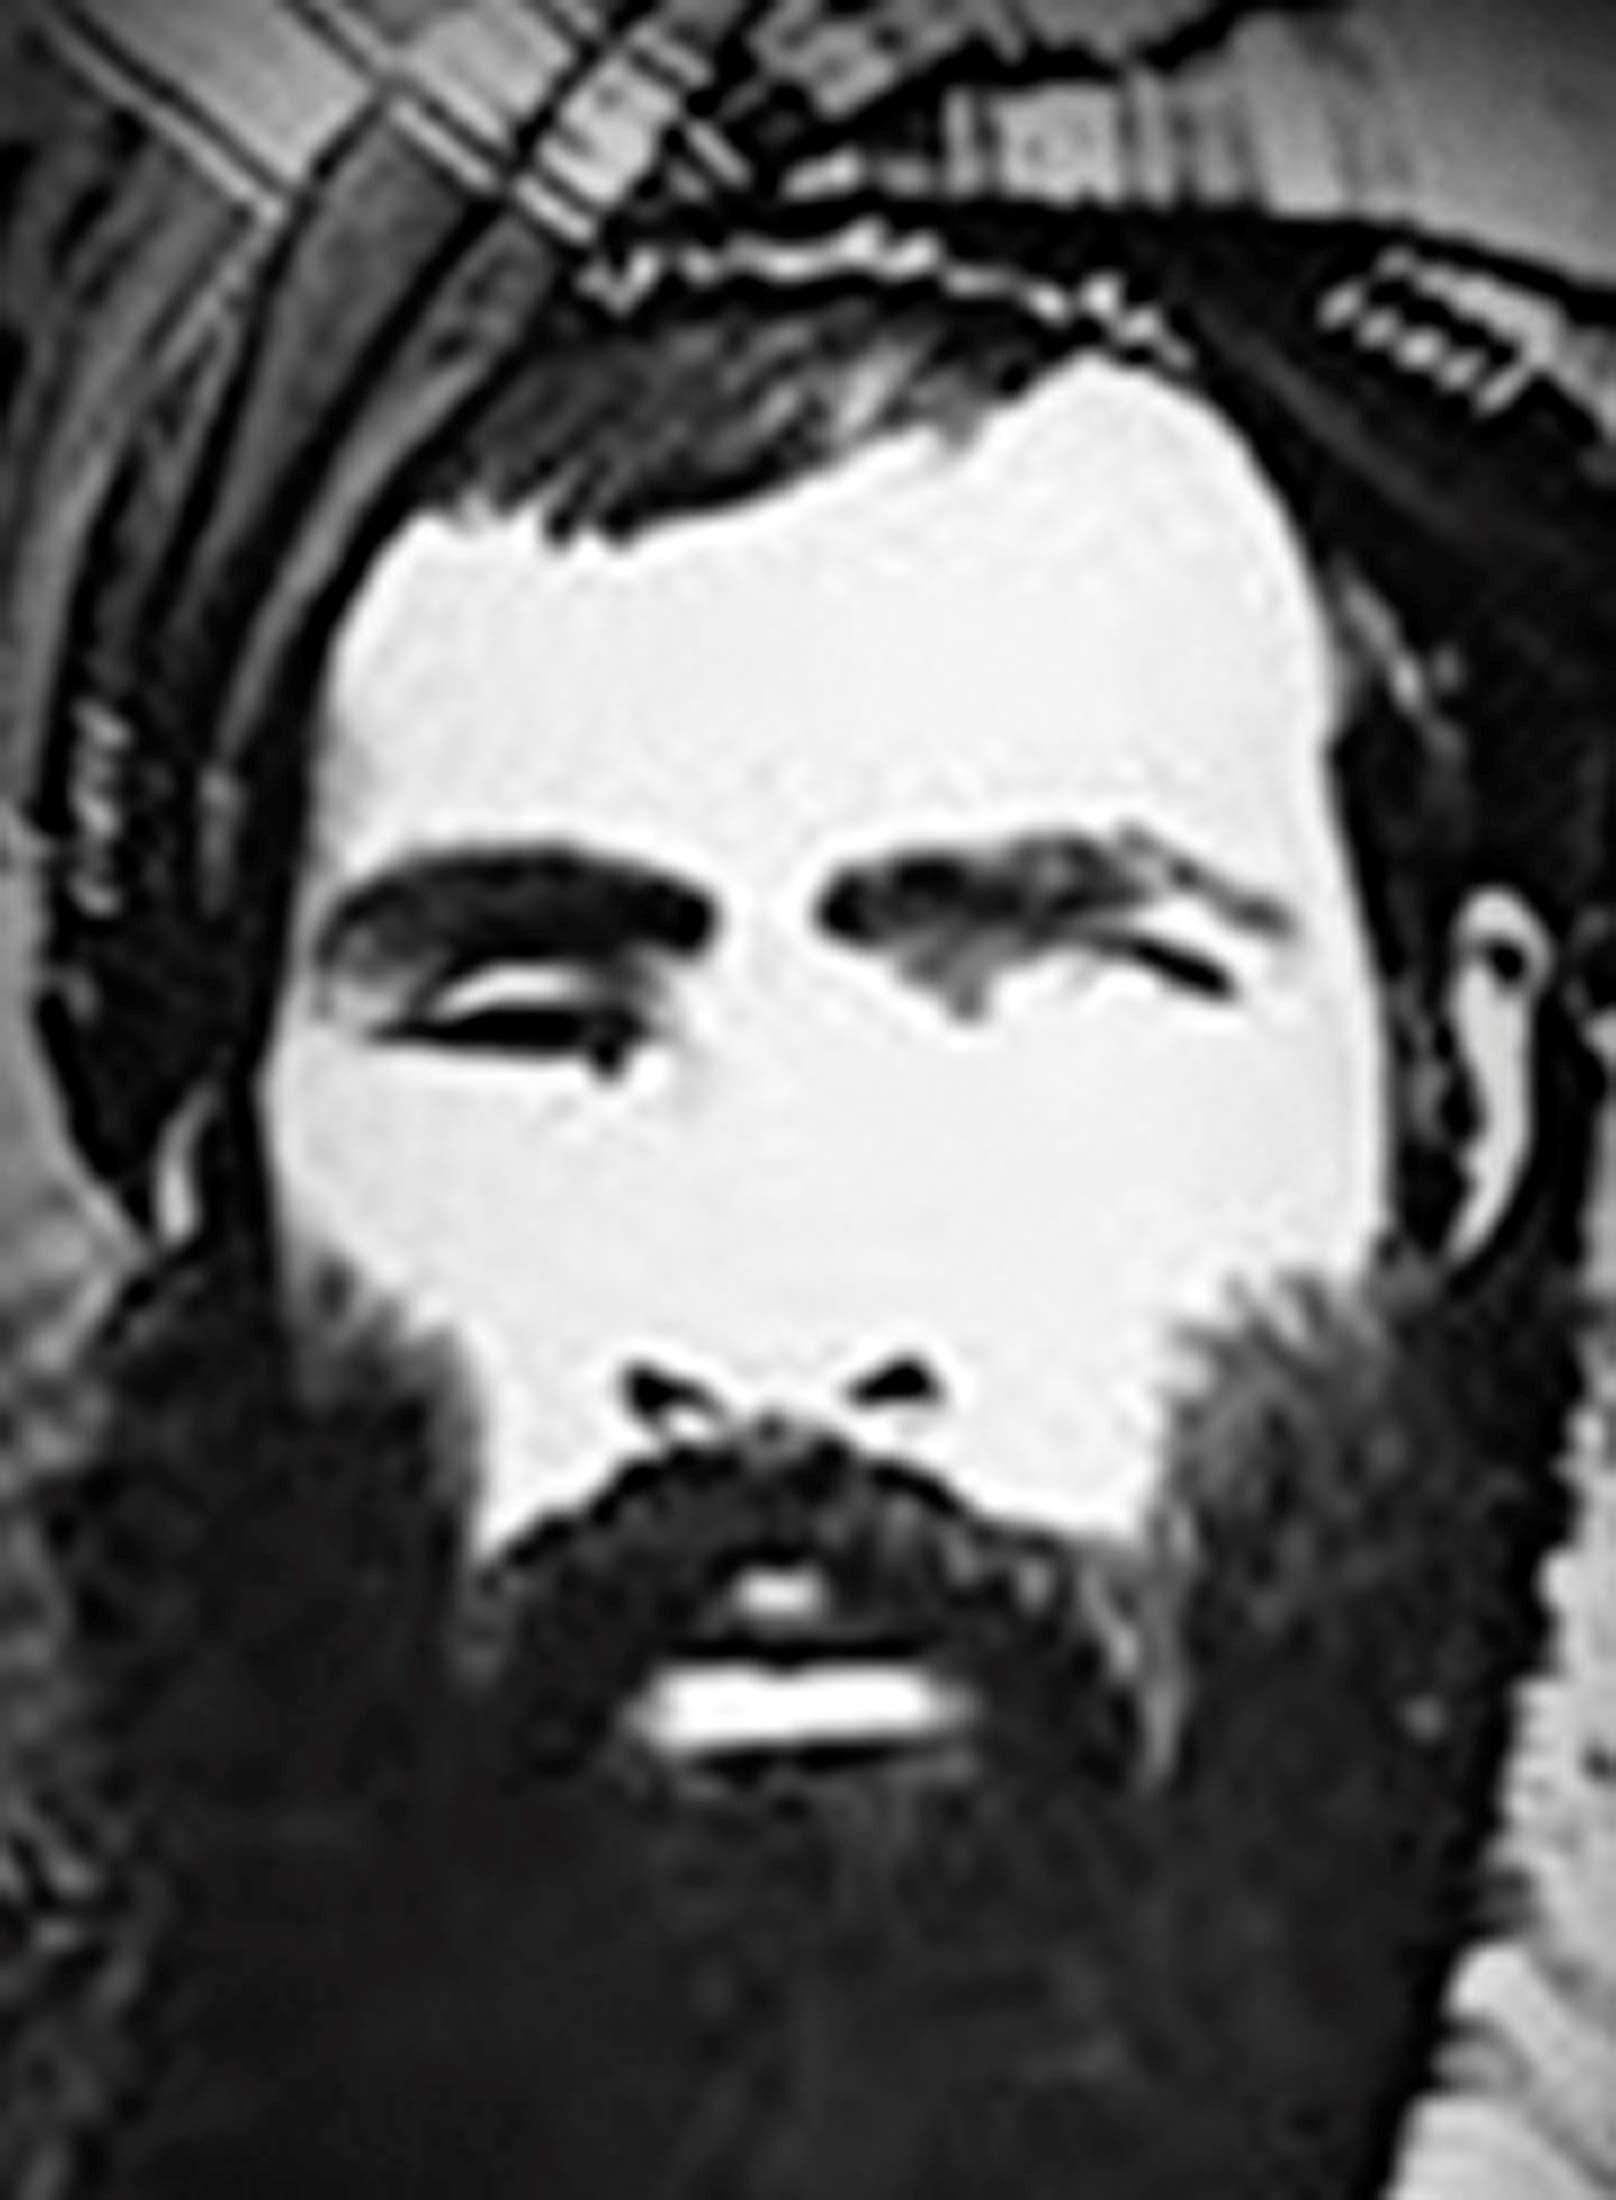 والد محمد يعقوب الملا عمر (رويترز)